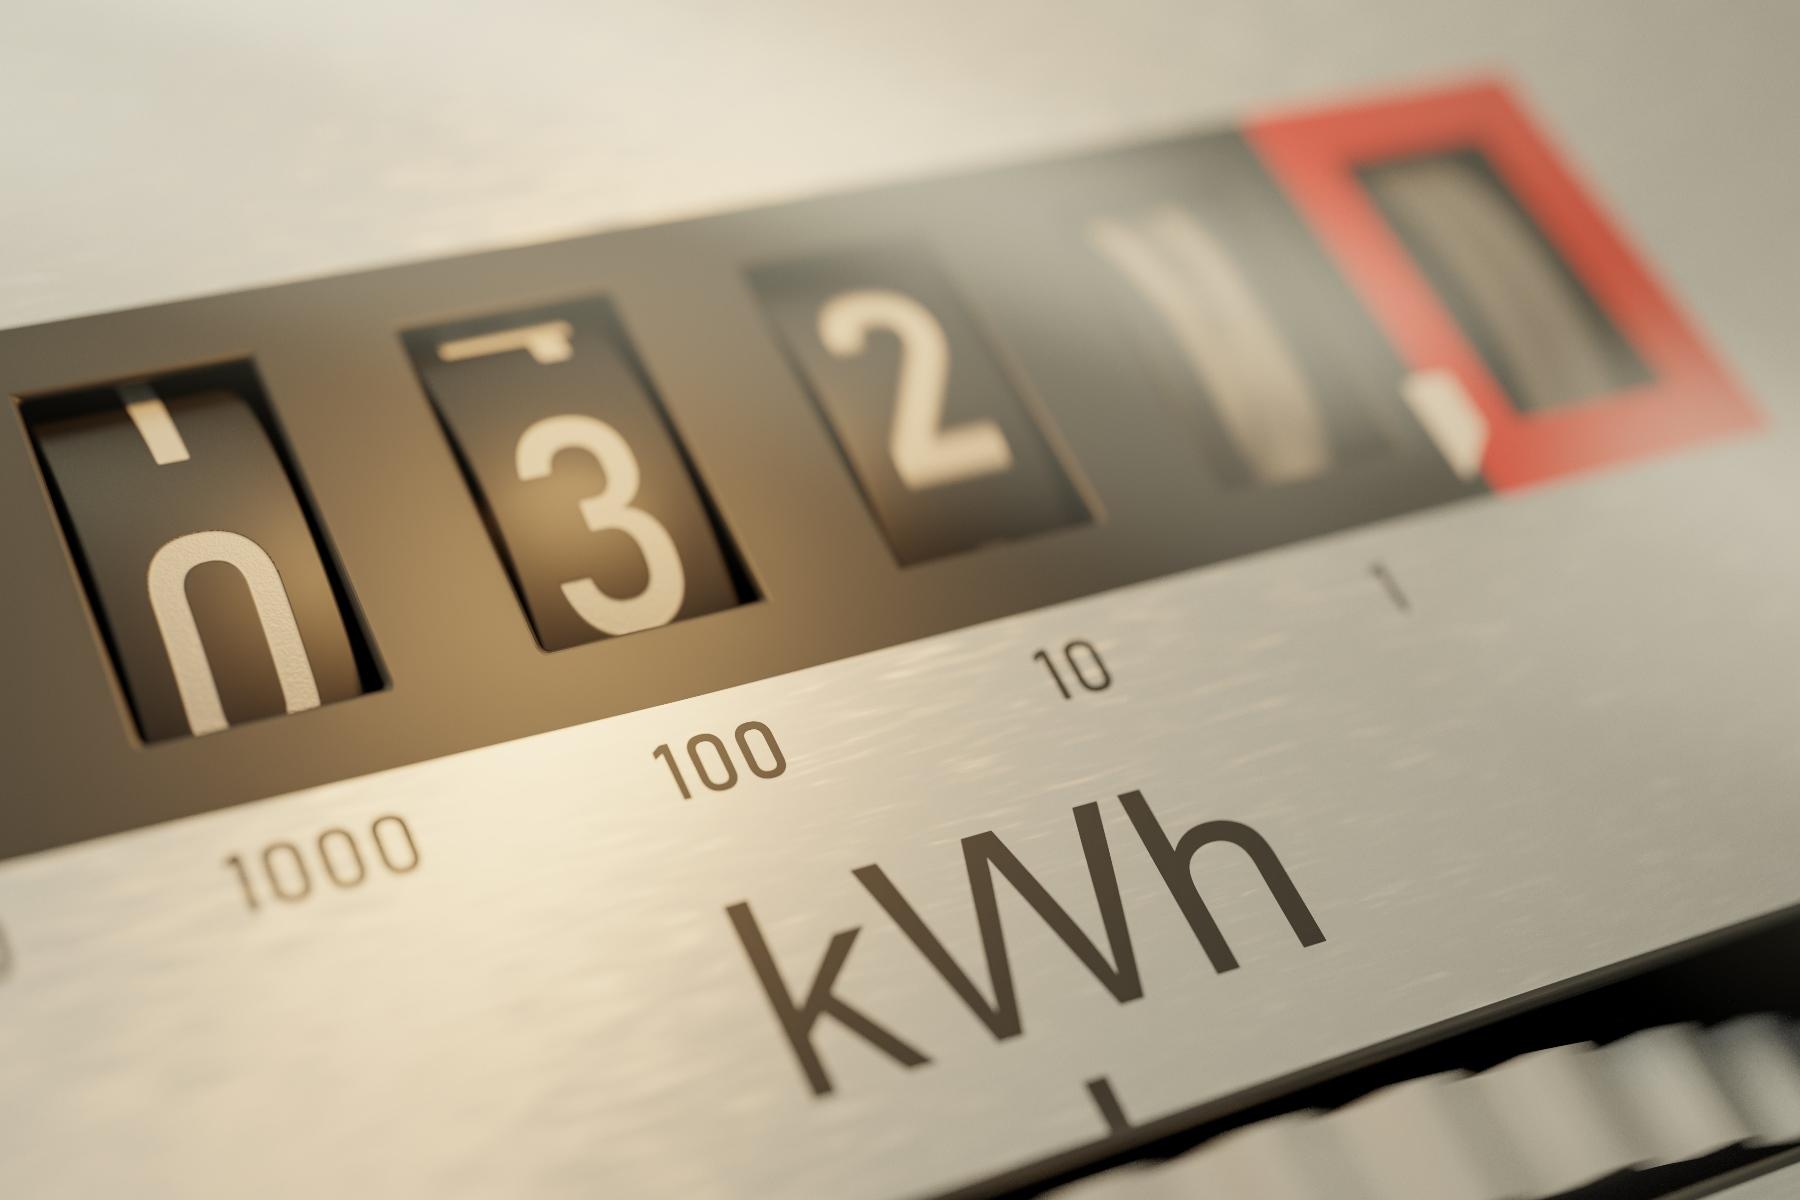 Erhöhung des Strompreises ist eine Anmaßung